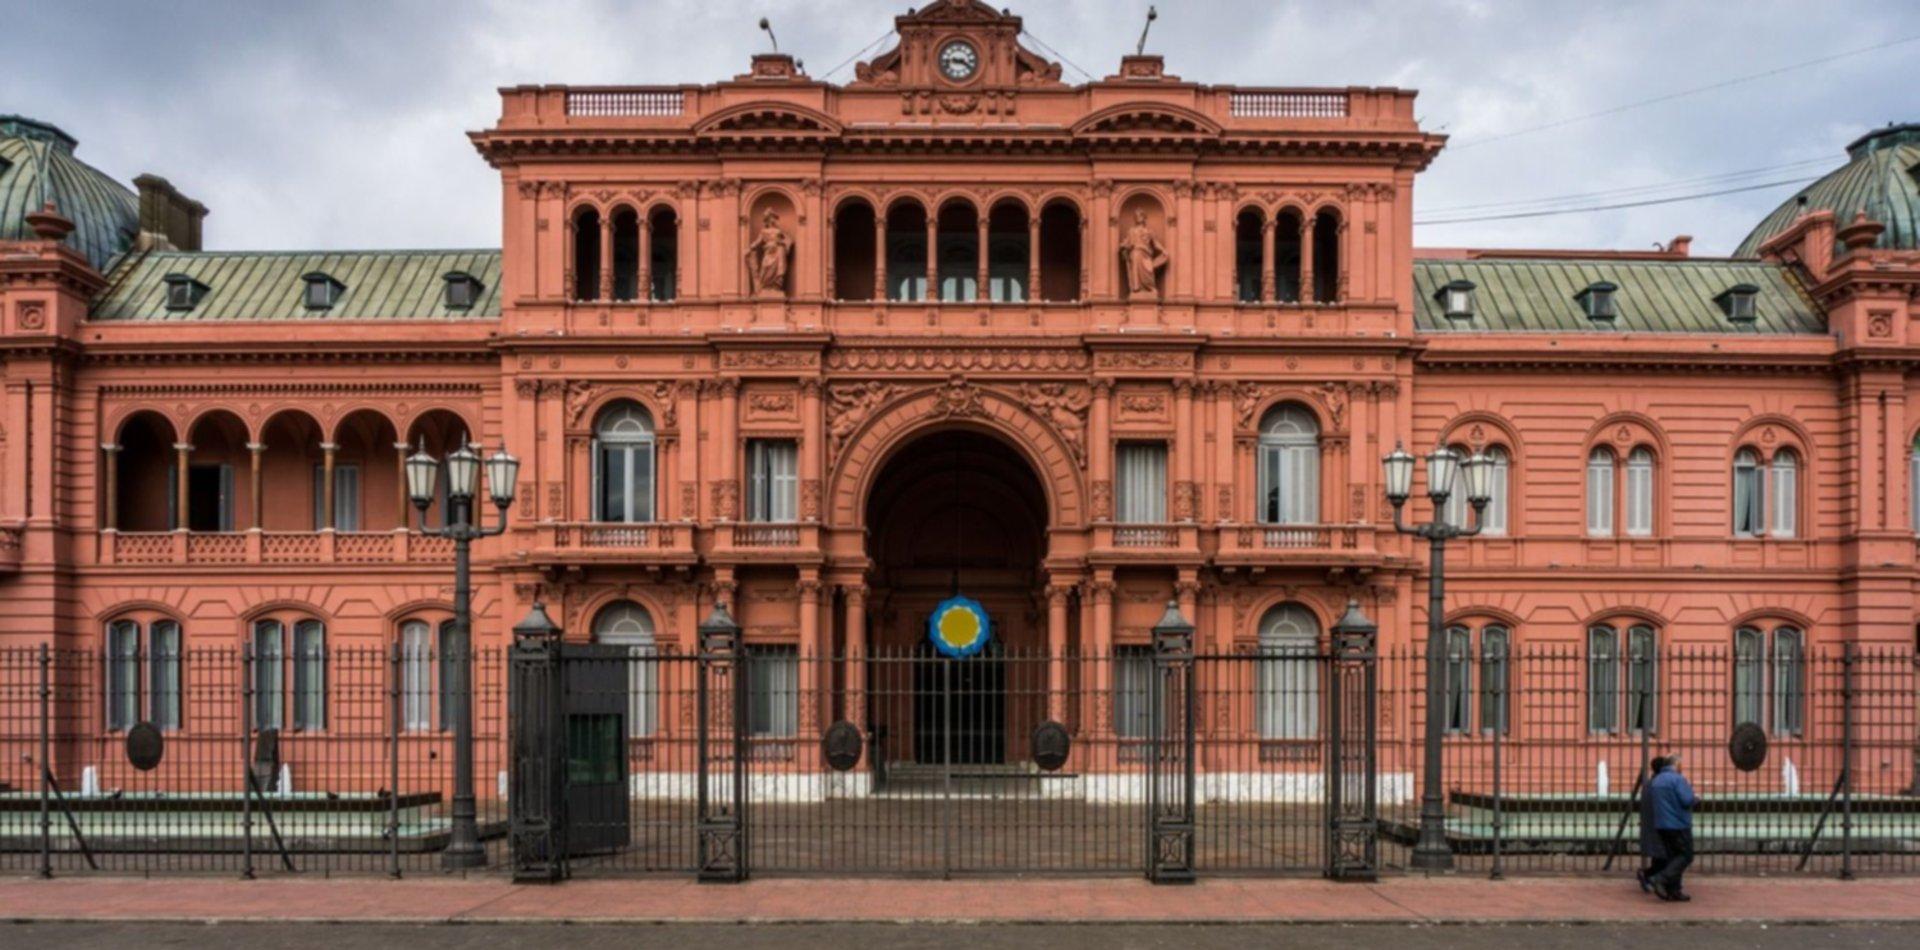 Cómo entrar a trabajar en la Casa Rosada: ¿qué buscan y cuáles son los requisitos?